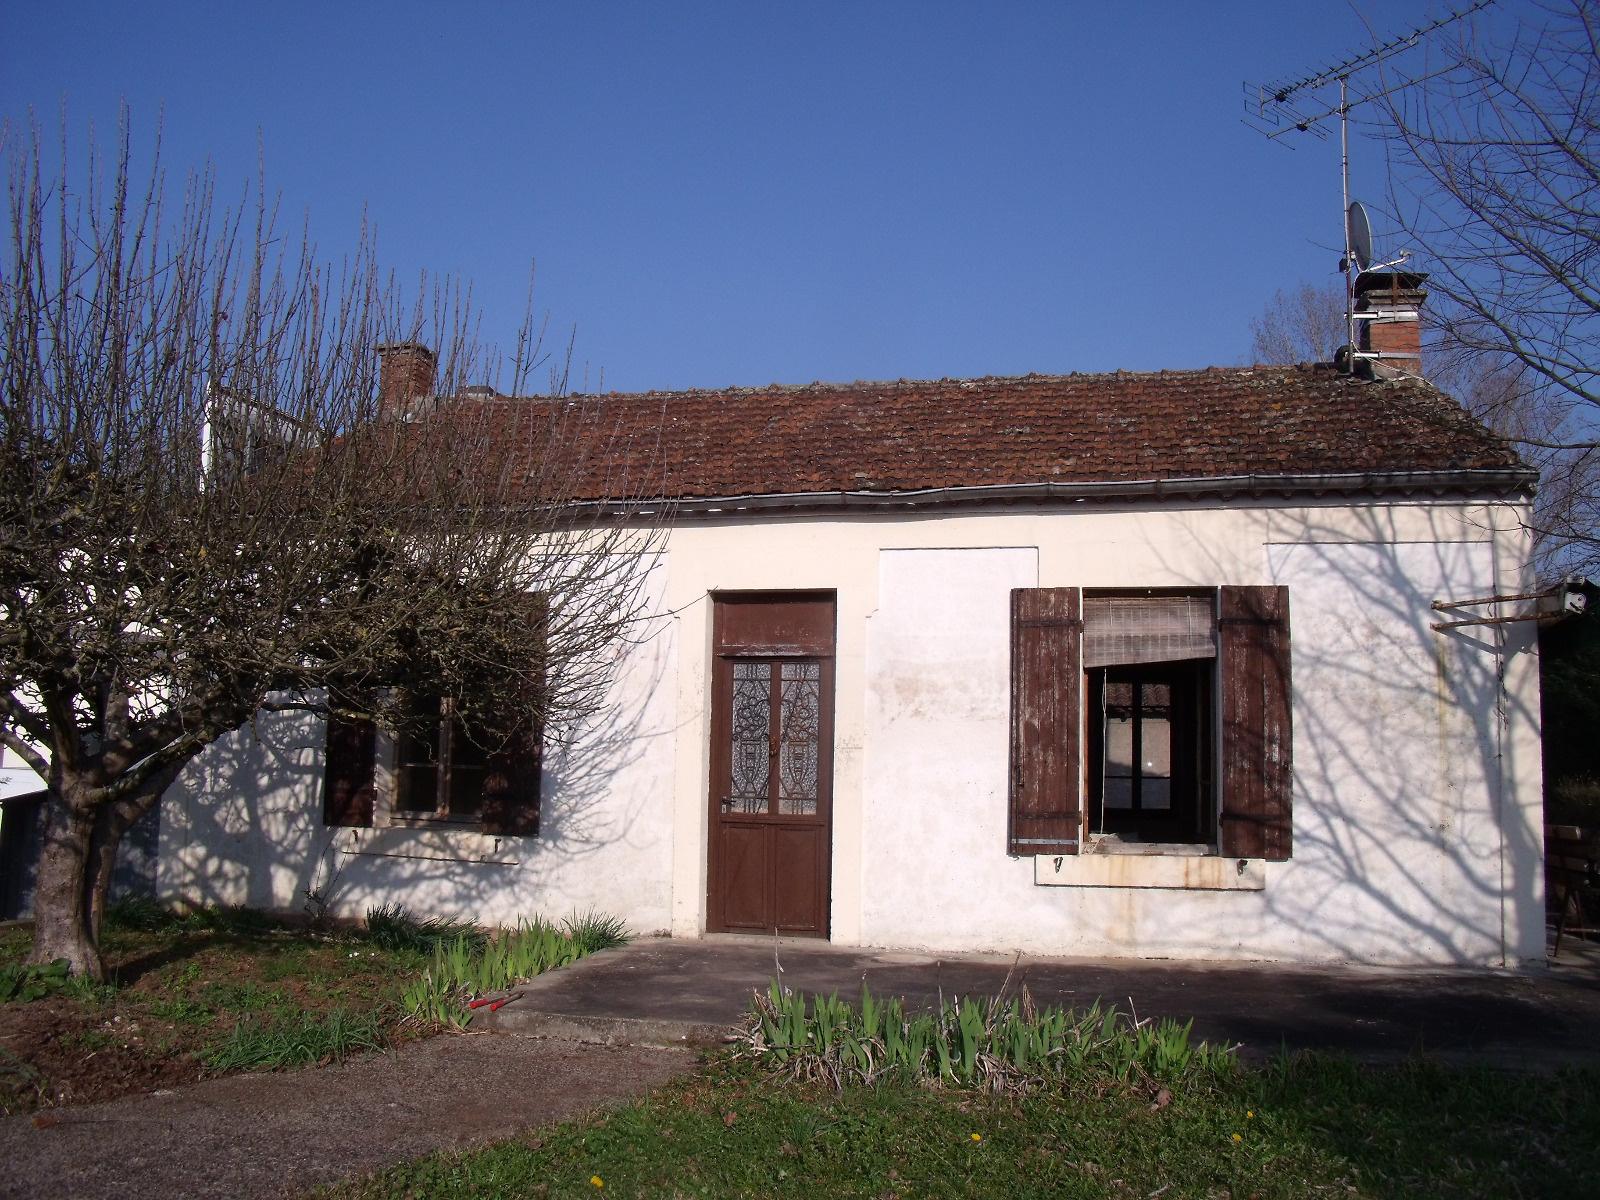 Vente maison/villa 3 pièces fumel 47500